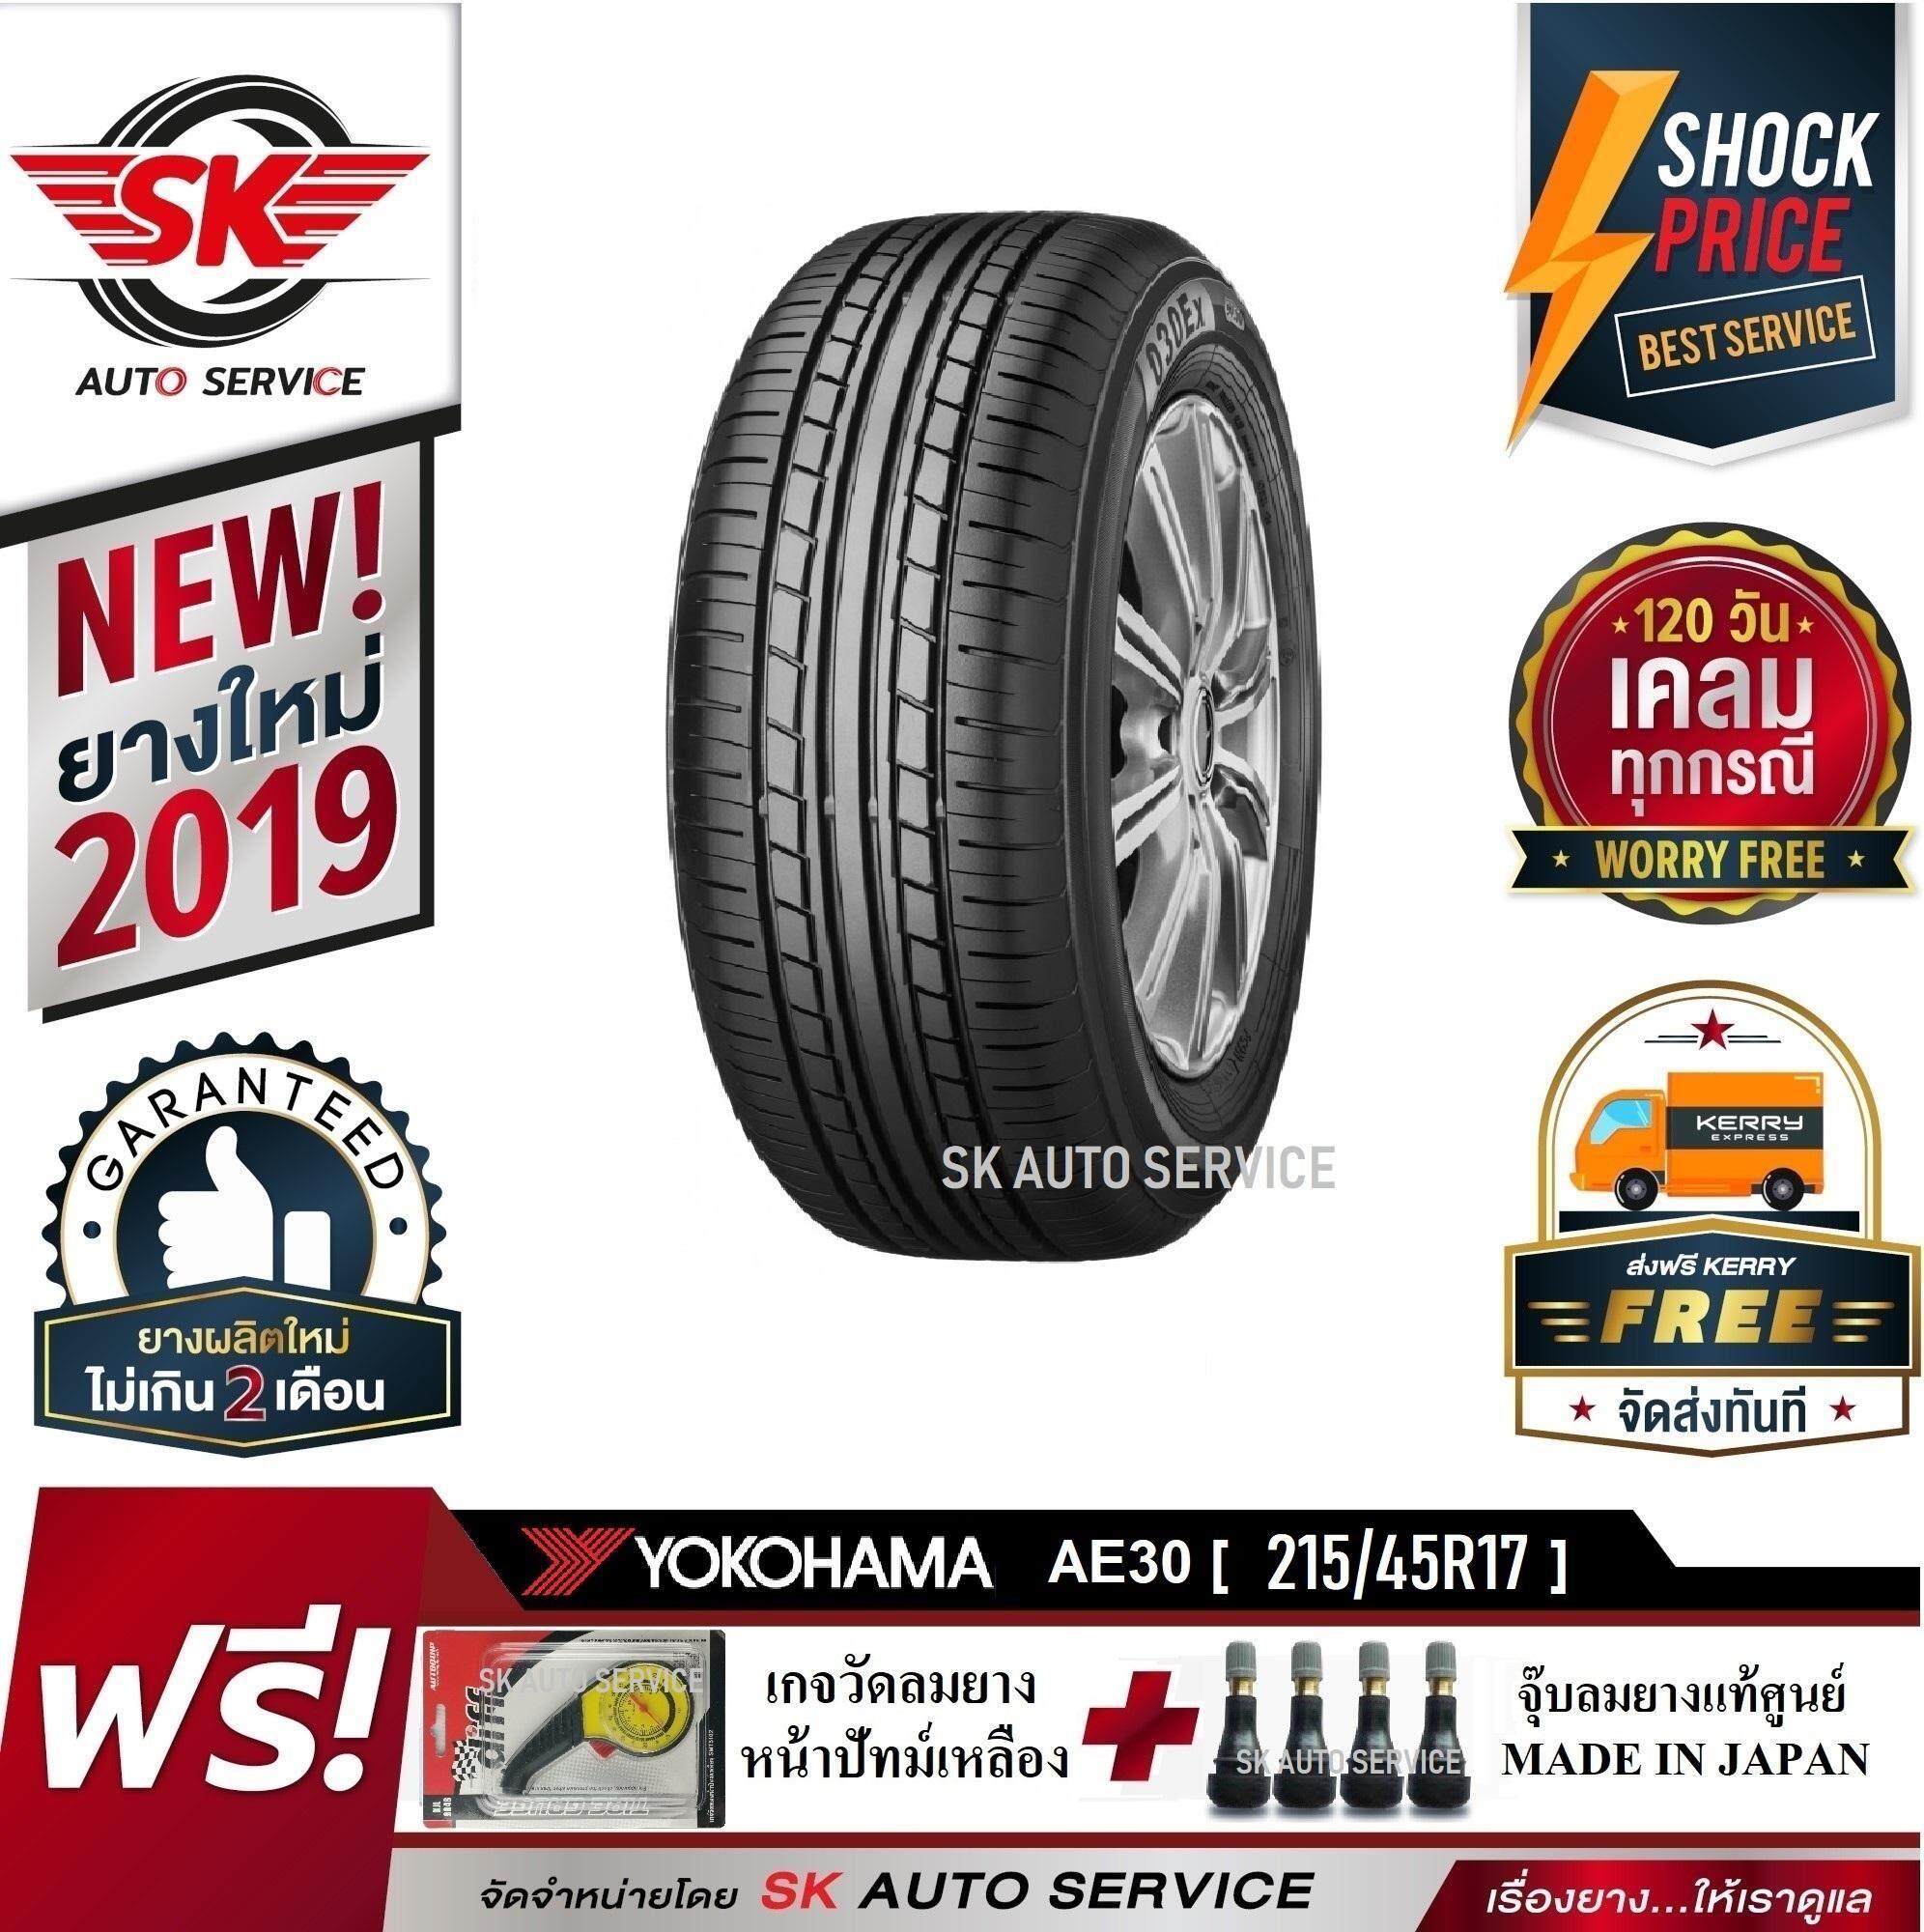 ประกันภัย รถยนต์ 3 พลัส ราคา ถูก ราชบุรี YOKOHAMA ยางรถยนต์ 215/45R17 (ล้อขอบ17) รุ่น AL30 Ex 4 เส้น(ยางใหม่กริ๊ปปี 2019)